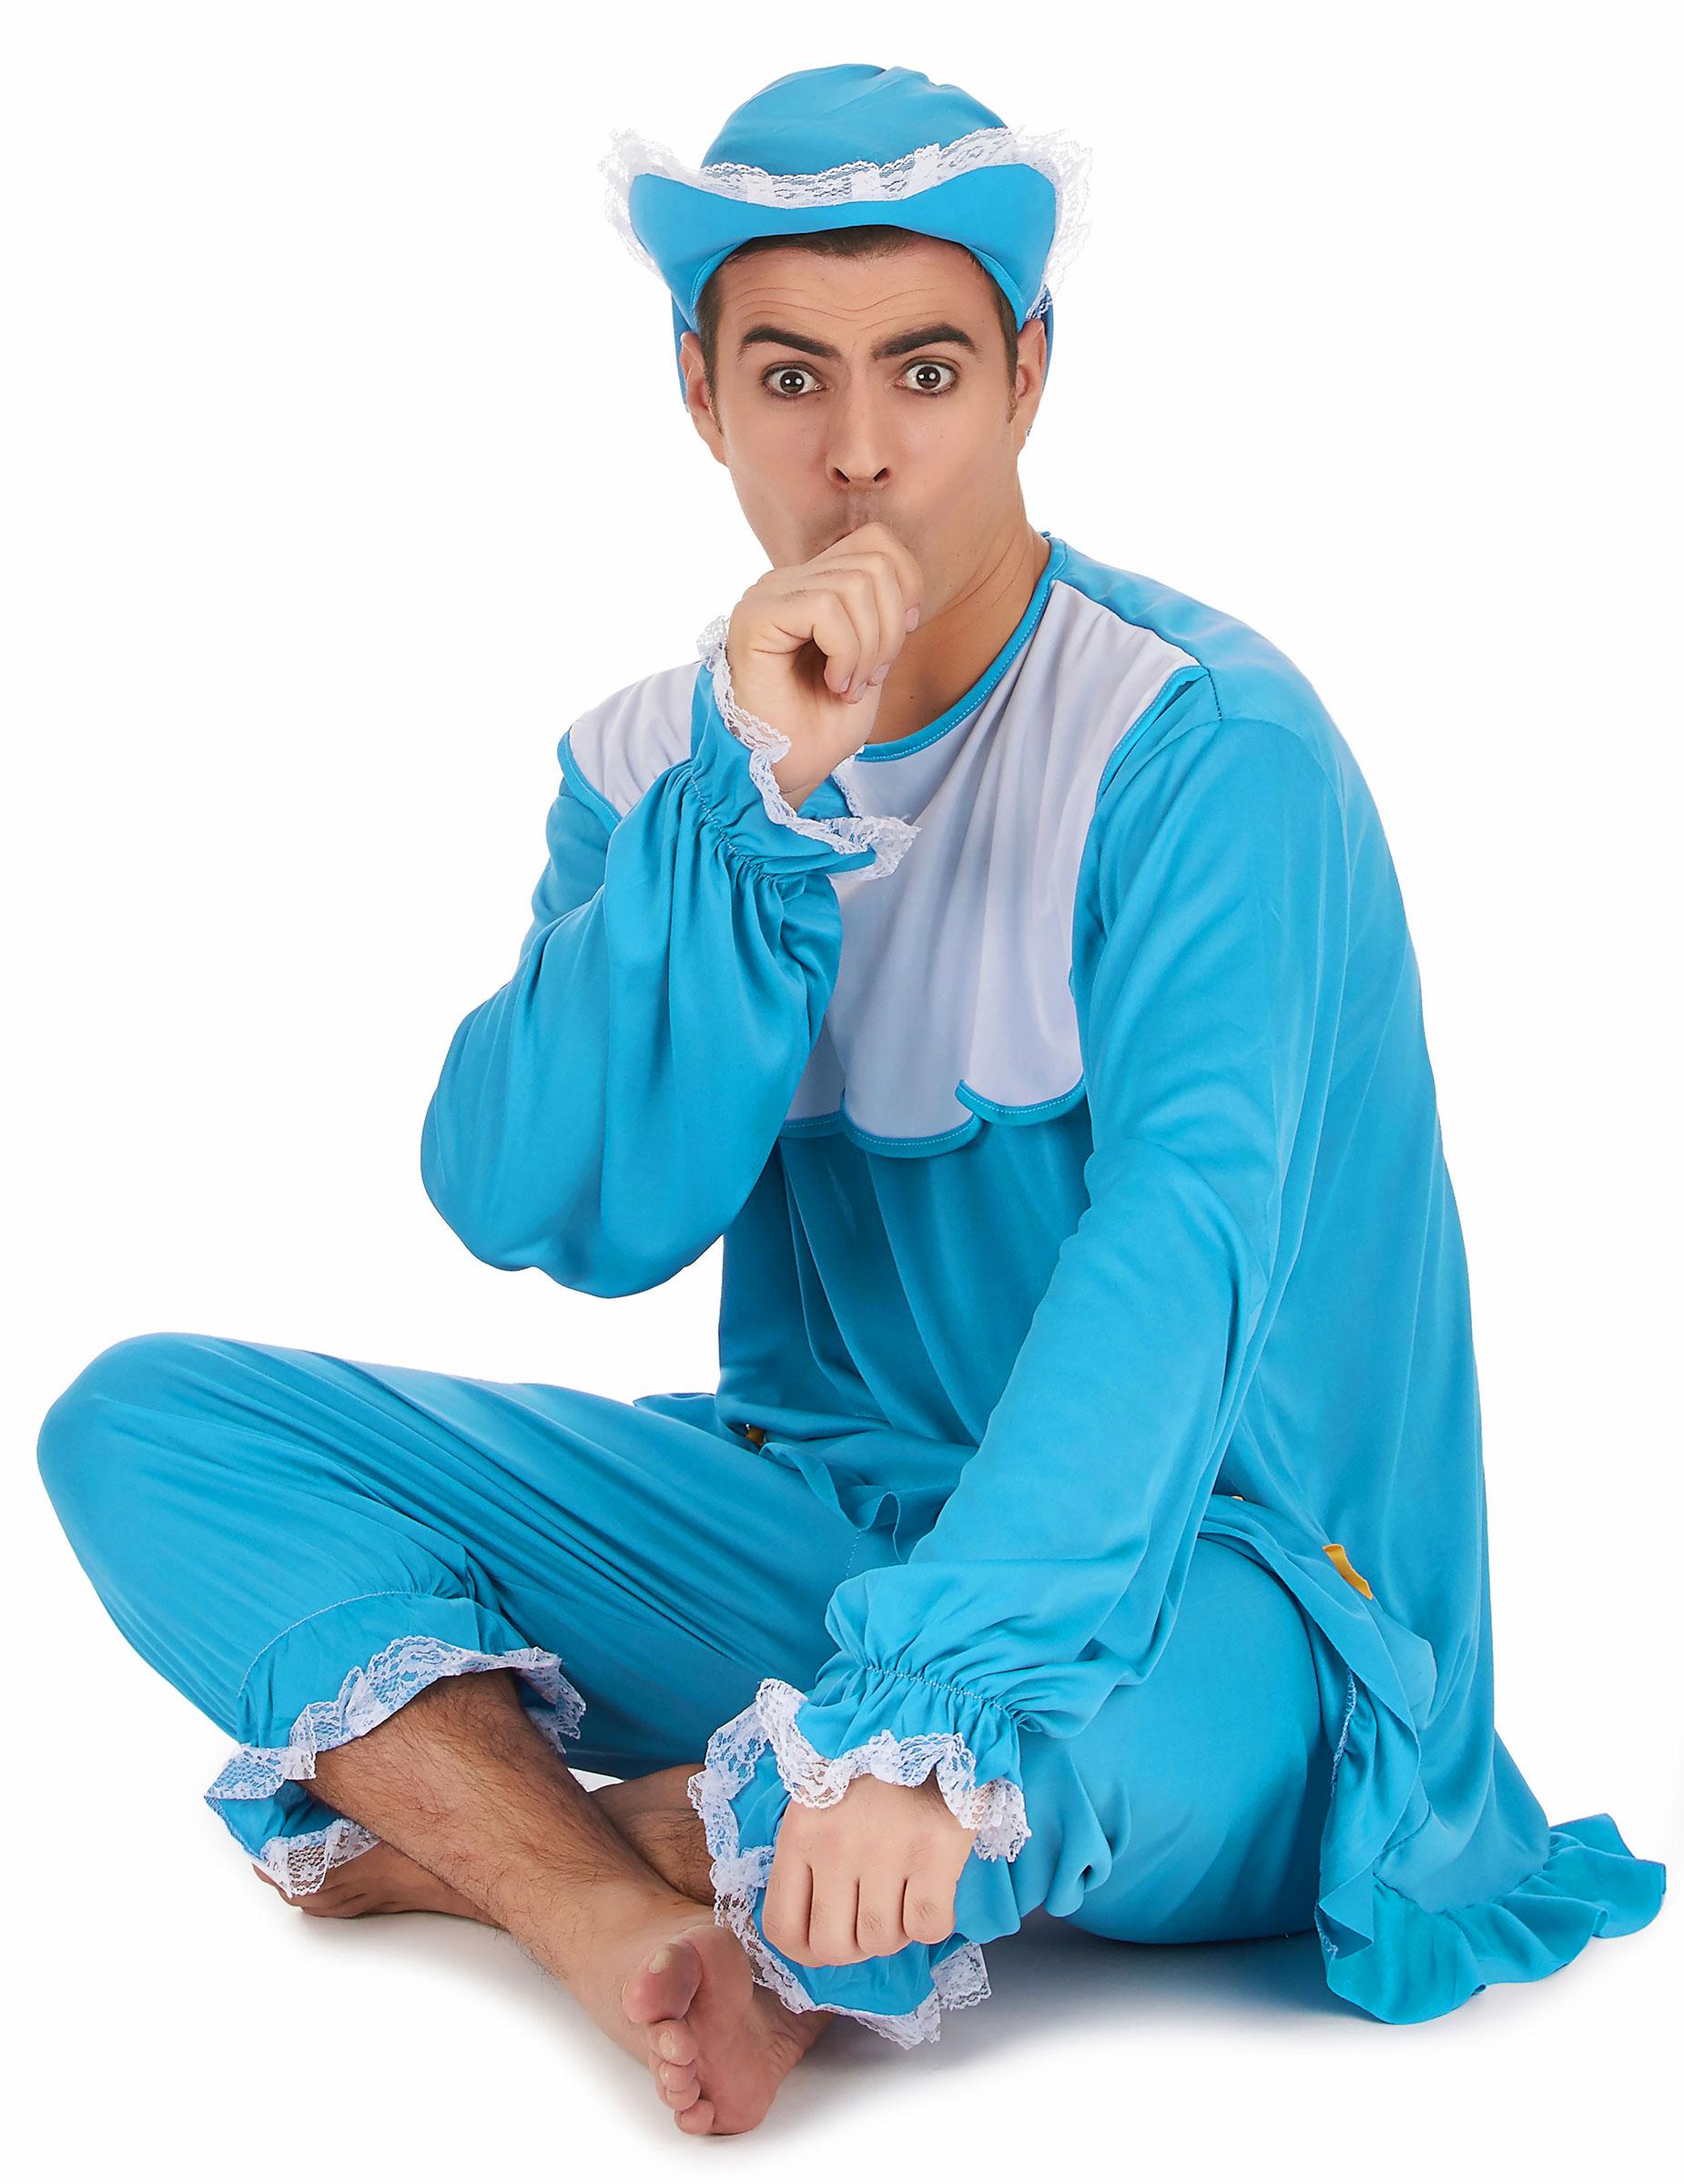 45cc83868e7f5 Déguisement bébé bleu homme   Deguise-toi